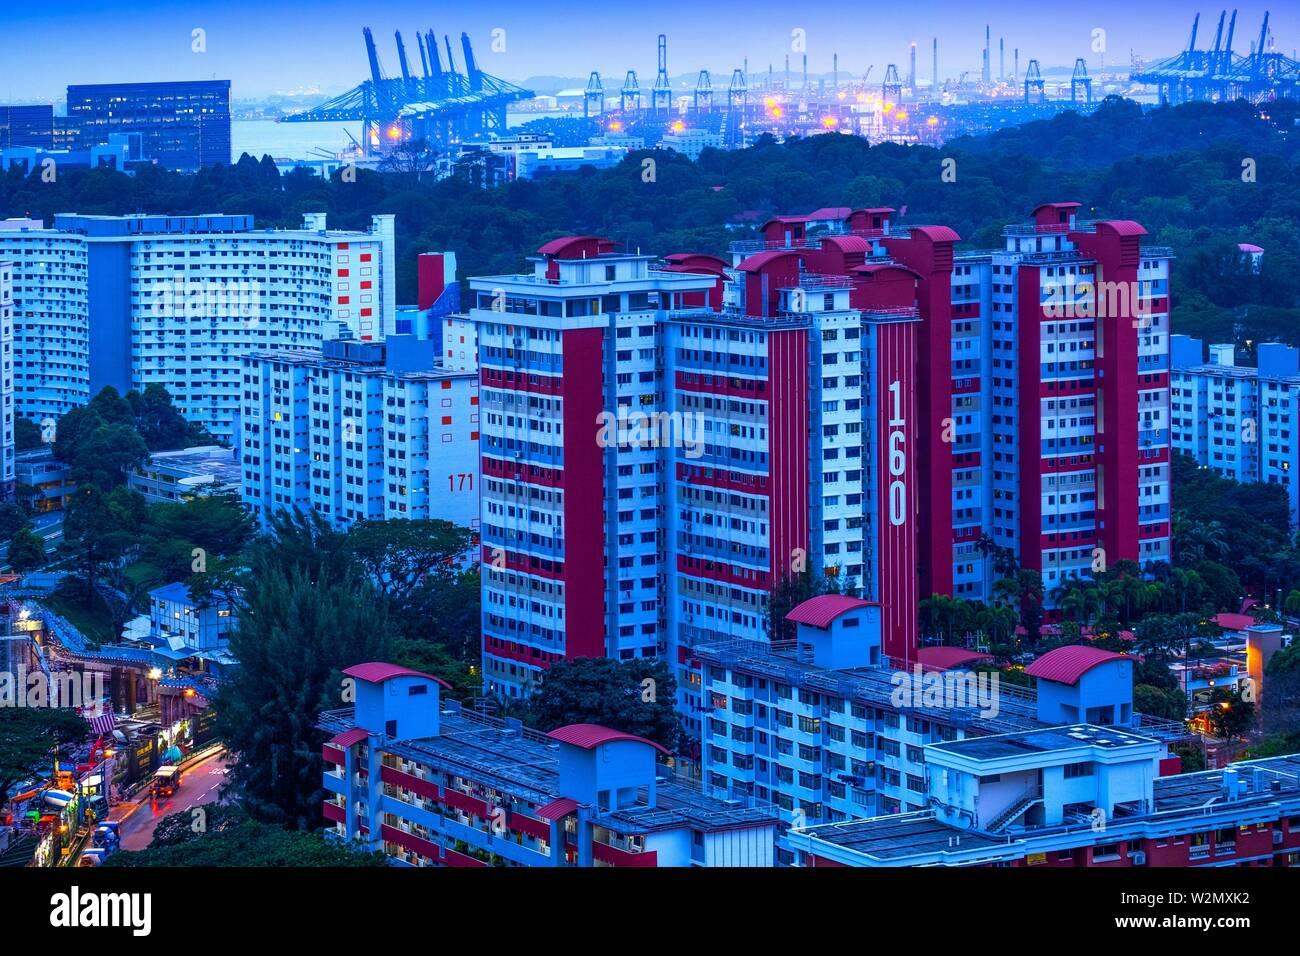 Singapour, le logement public et port commercial..le logement public à Singapour est géré par le Conseil du développement et de l'habitation (HDB) au titre du personnel temporaire Photo Stock